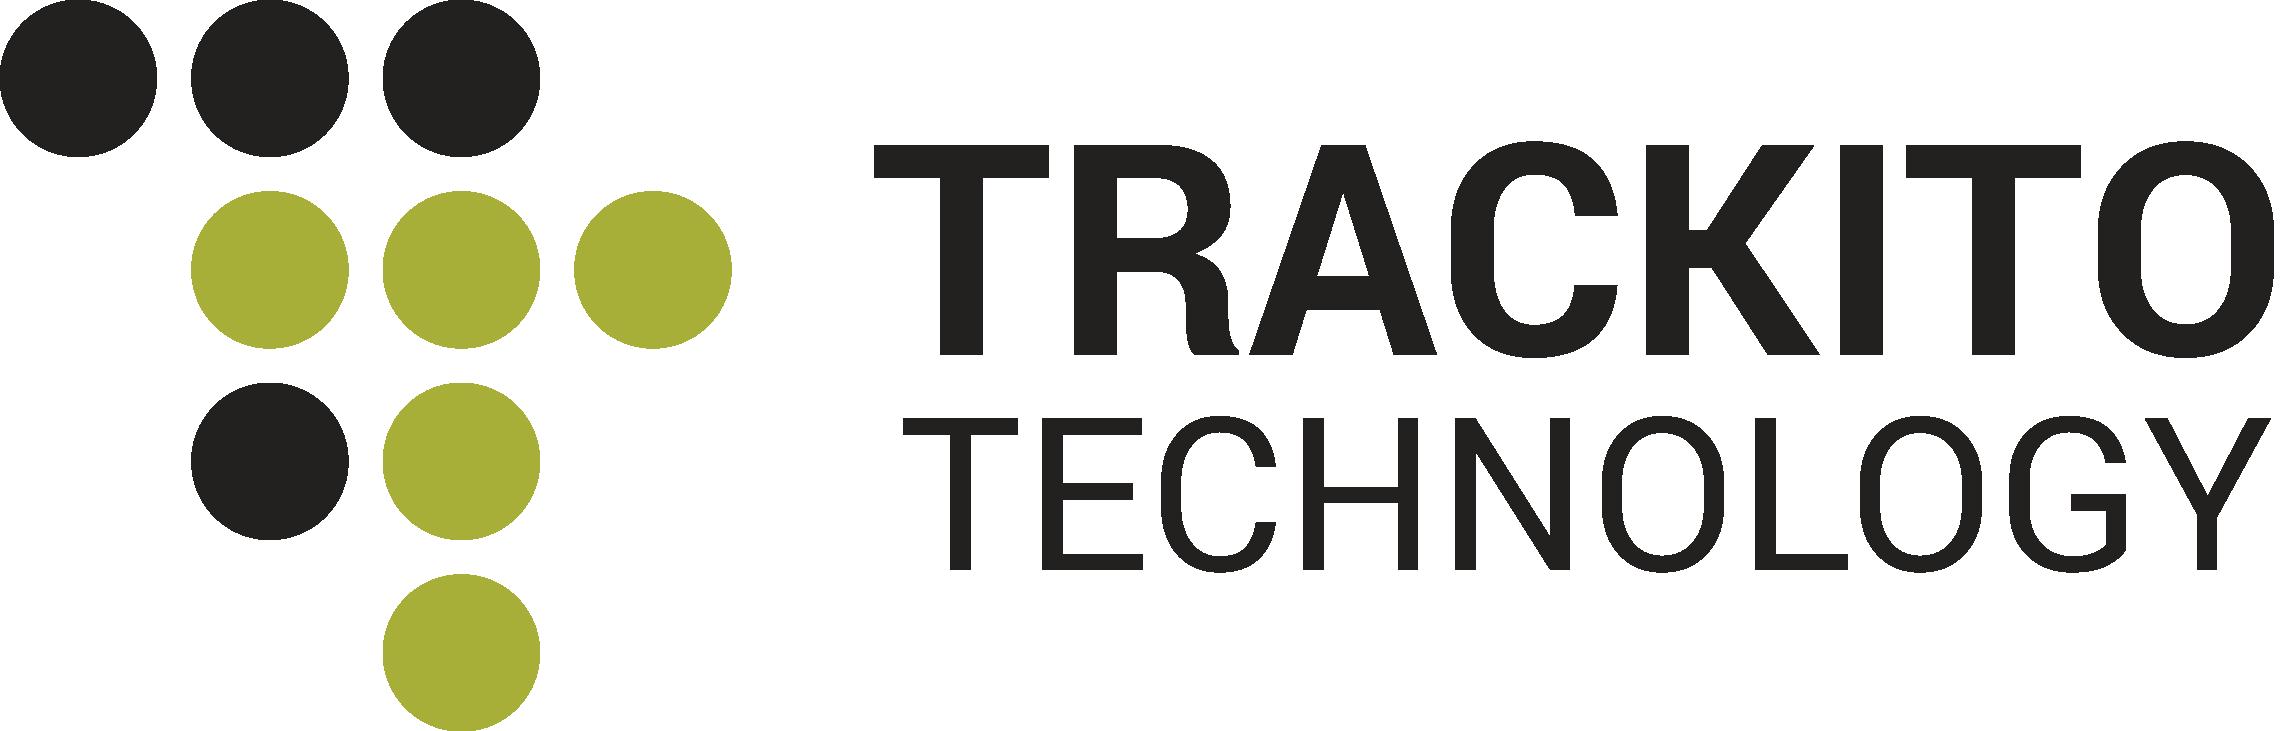 Trackito technology